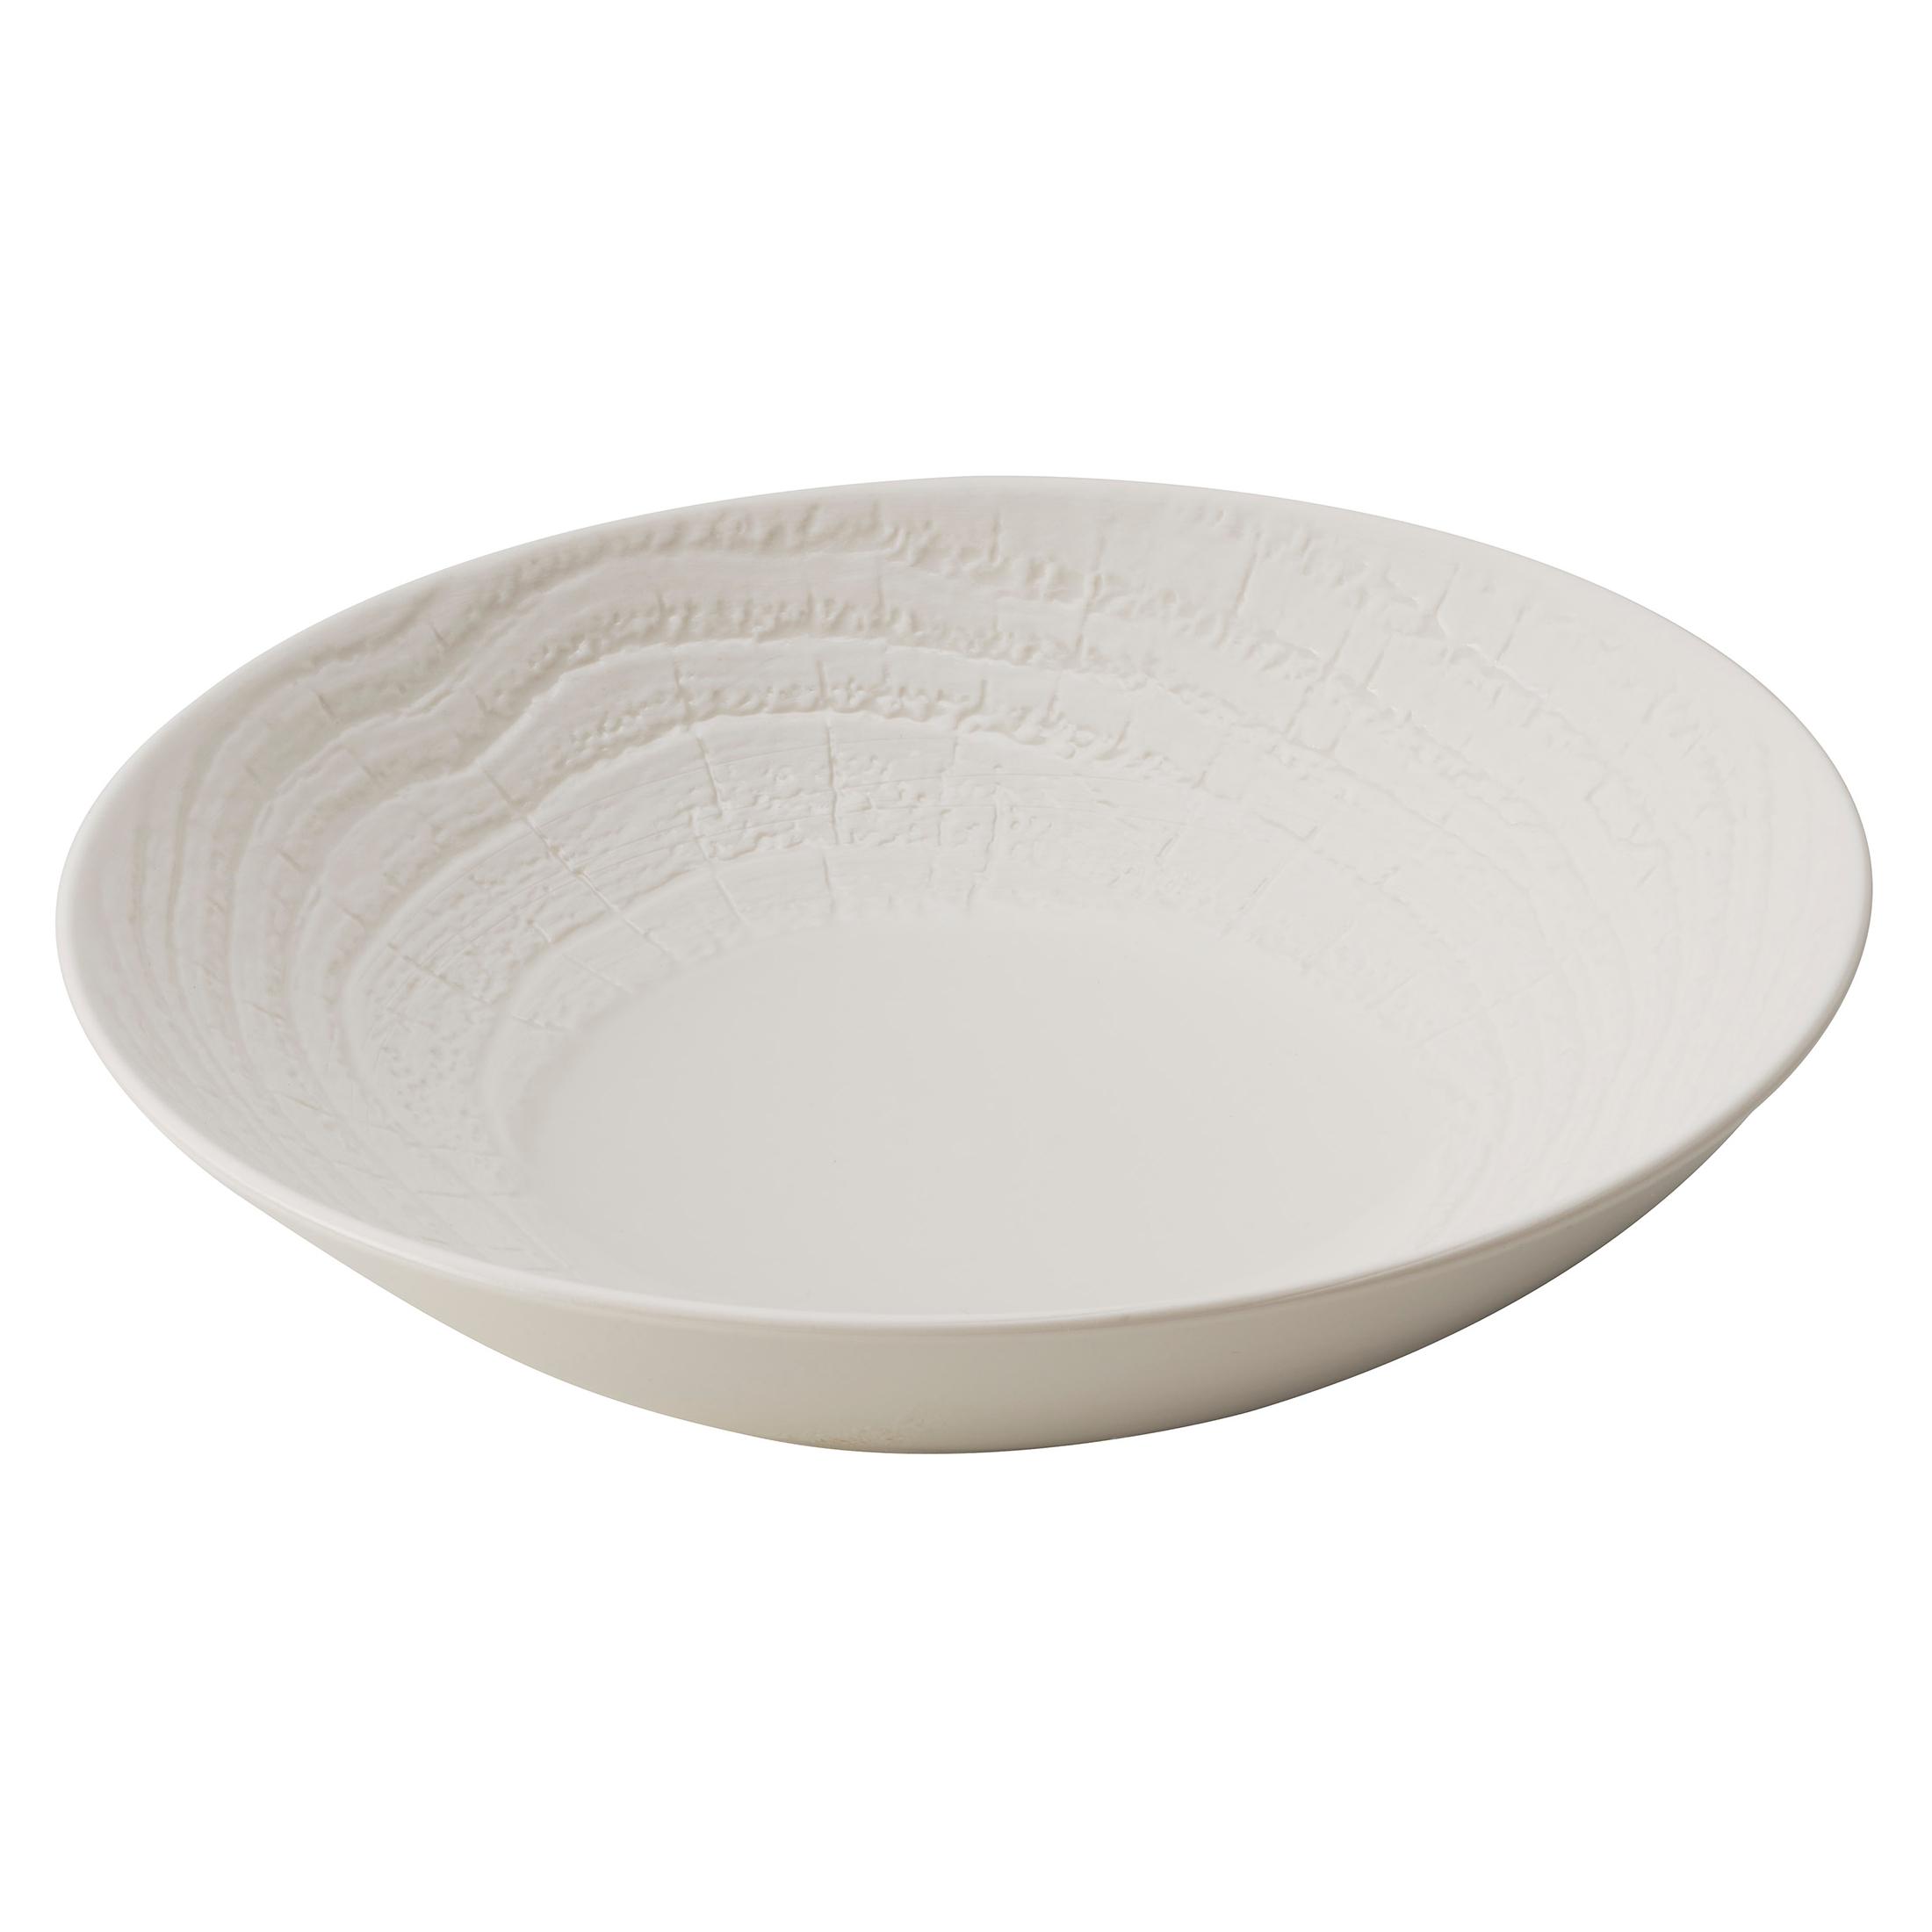 Revol Arborescence Ivory Porcelain 9.5 Inch Salad Bowl